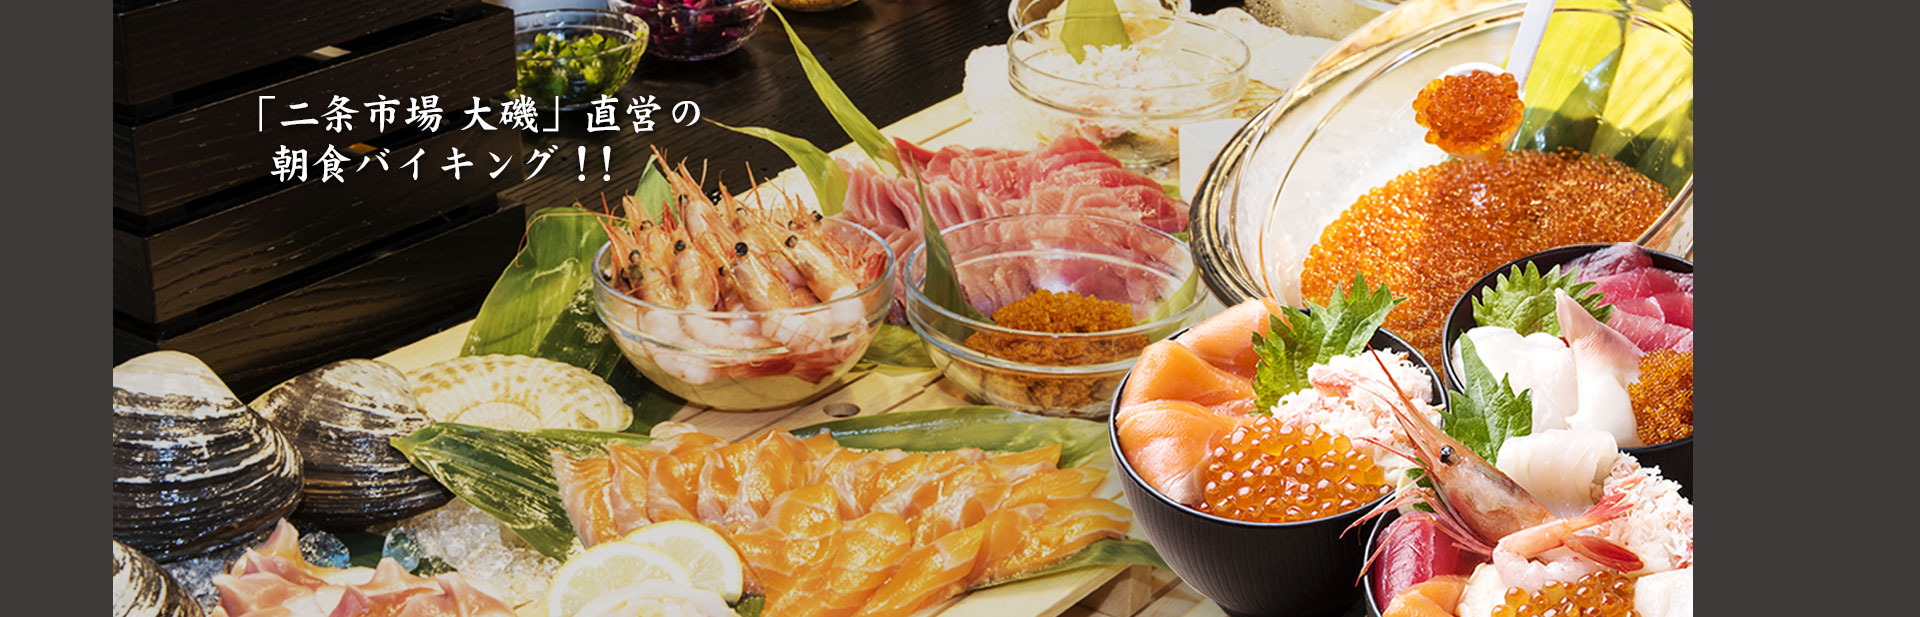 朝食【公式】レンブラントスタイル札幌 | レンブラントグループホテル